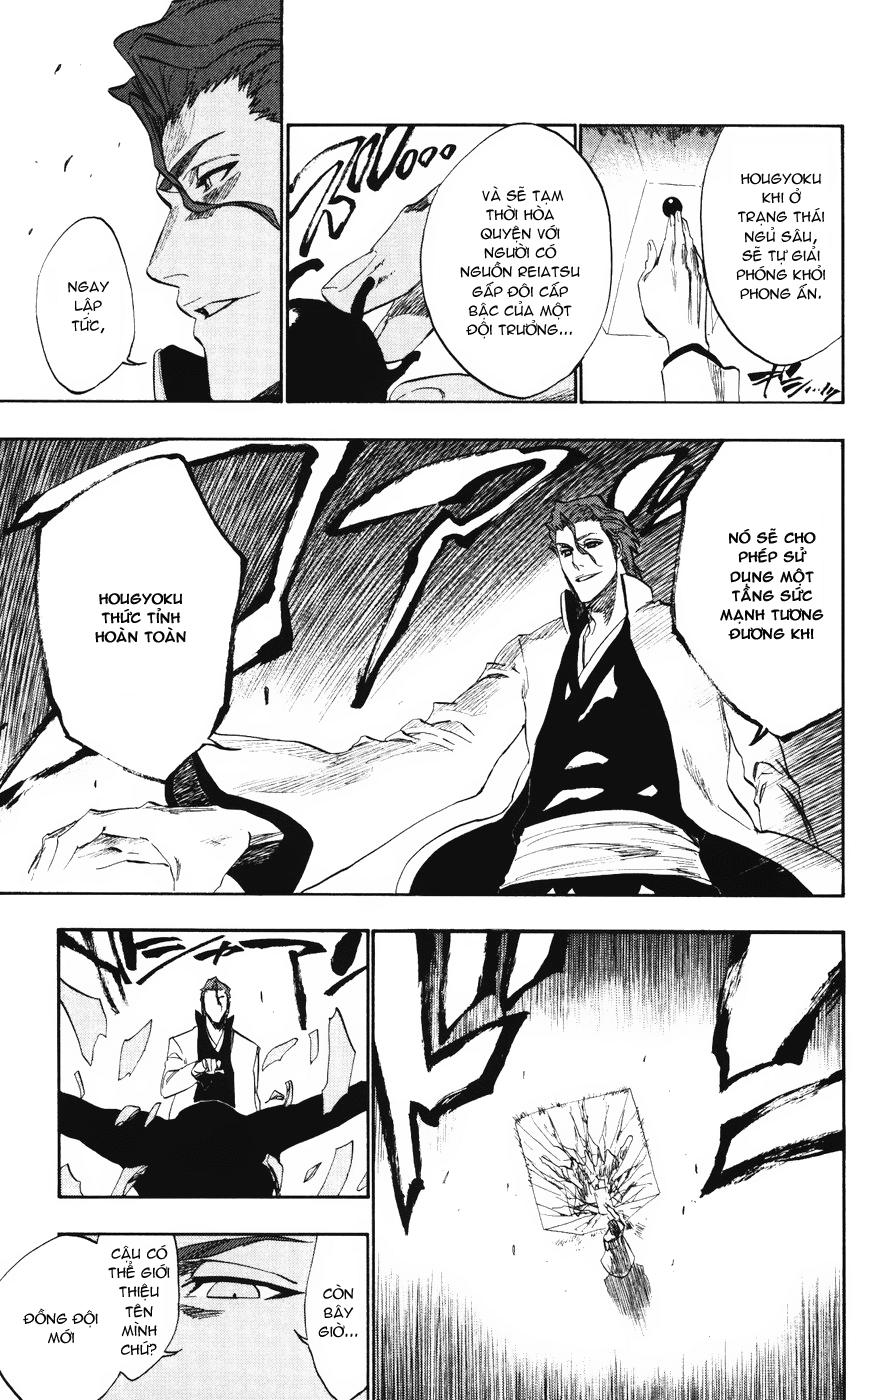 Bleach chapter 229 trang 15